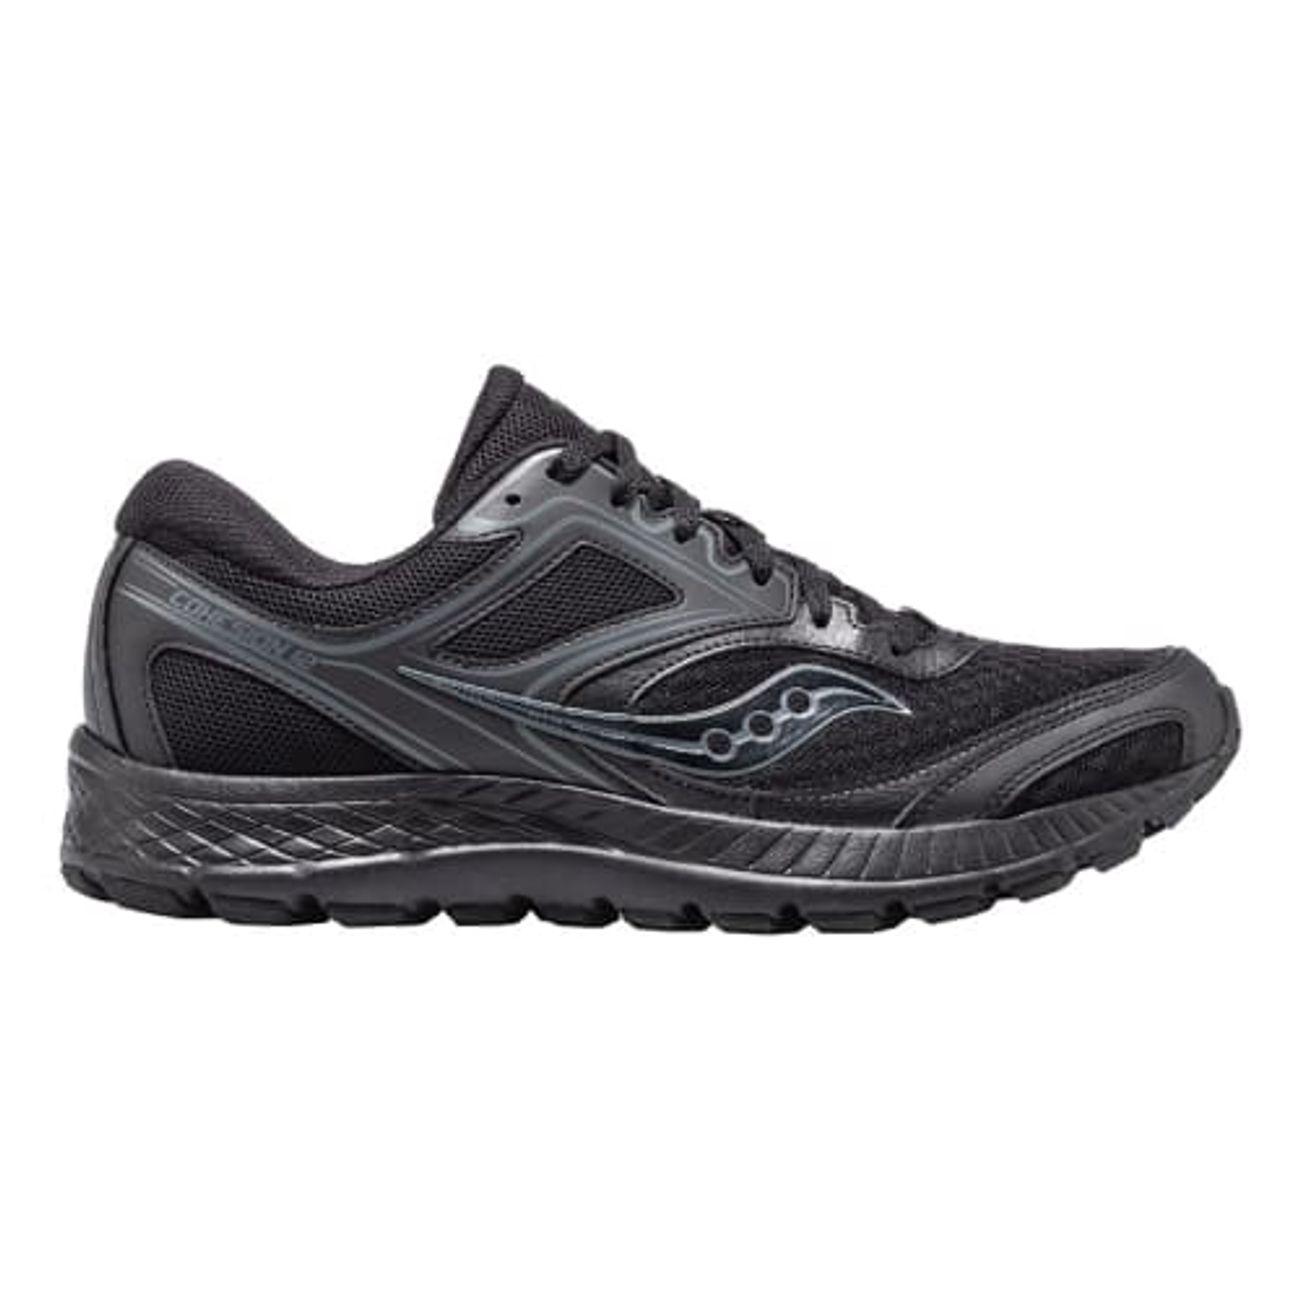 Prix Grid Chaussures Noir – 12 Saucony CherGo Sport Et Cohesion Pas Achat 54LAcR3jq